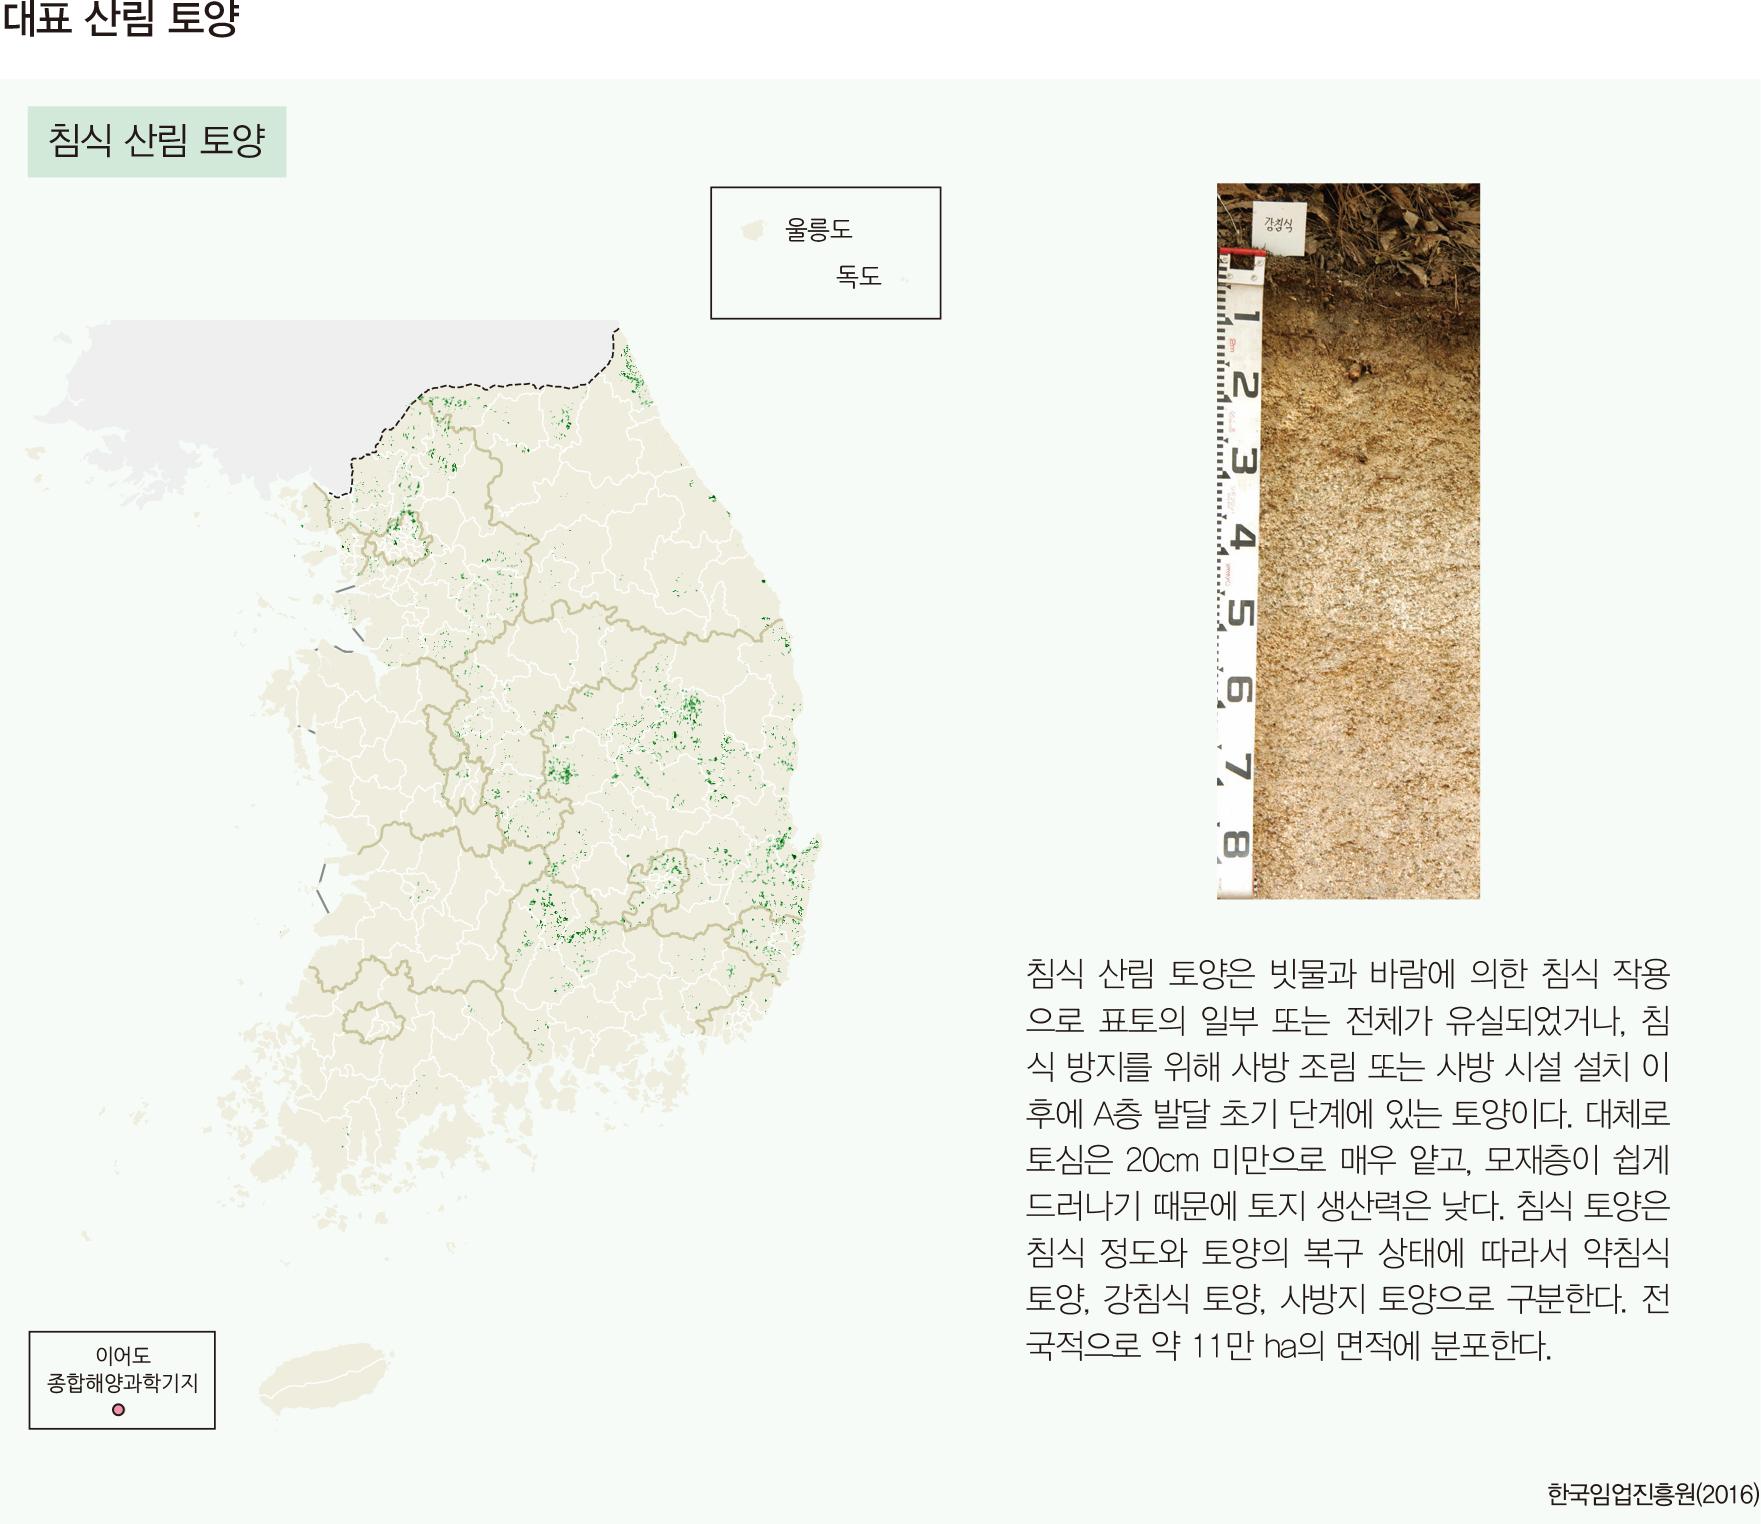 대표 산림 토양 화산회 침식 산림 토양